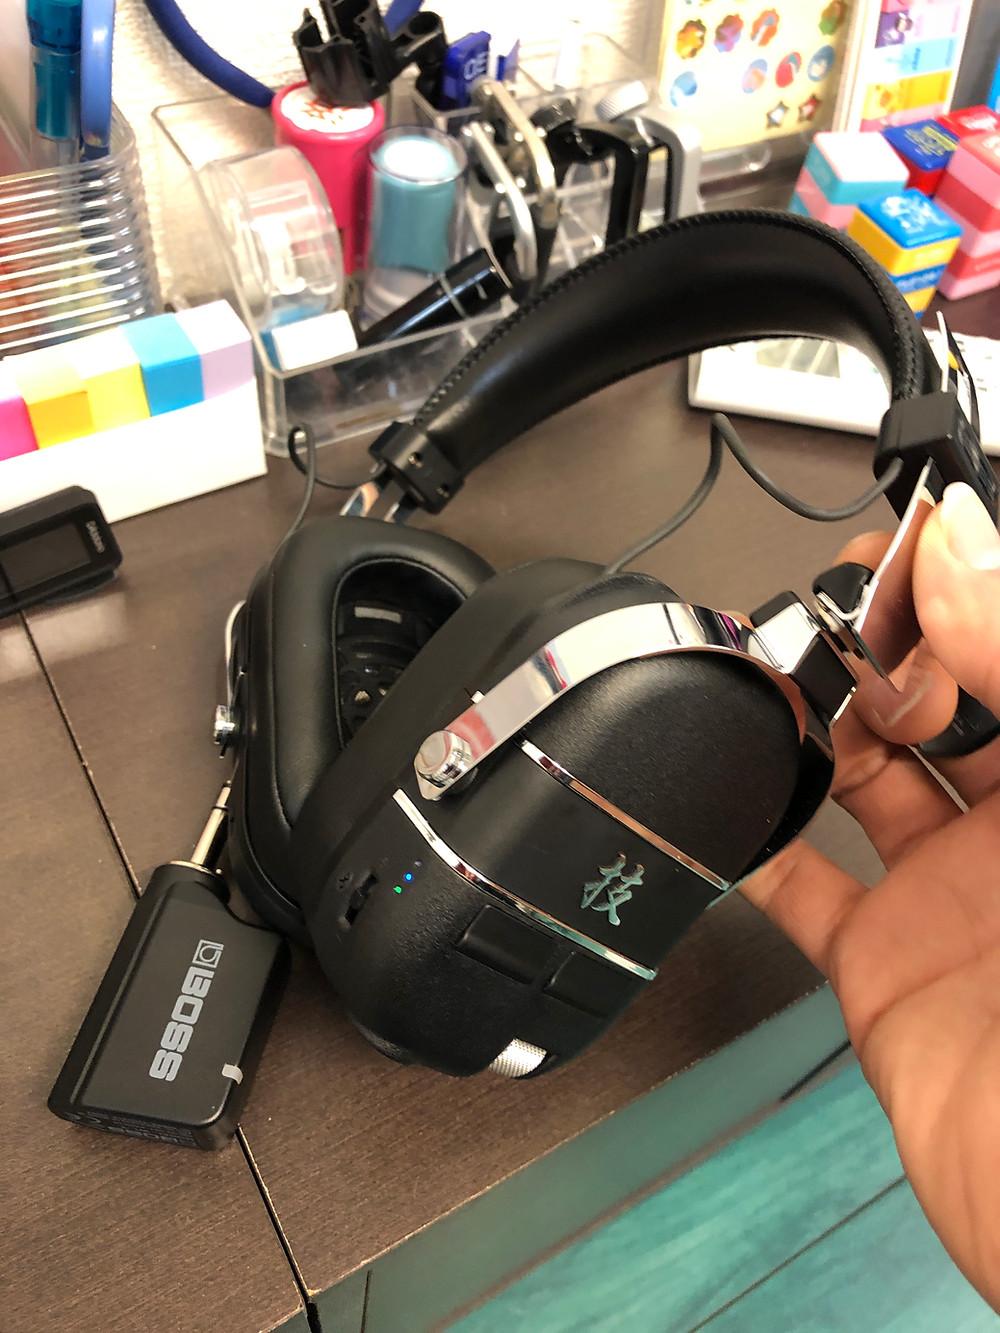 BOSS ボス/技 WAZA-AIR ワイヤレス・ギター・ヘッドホン・システム Bluetoothアンプ